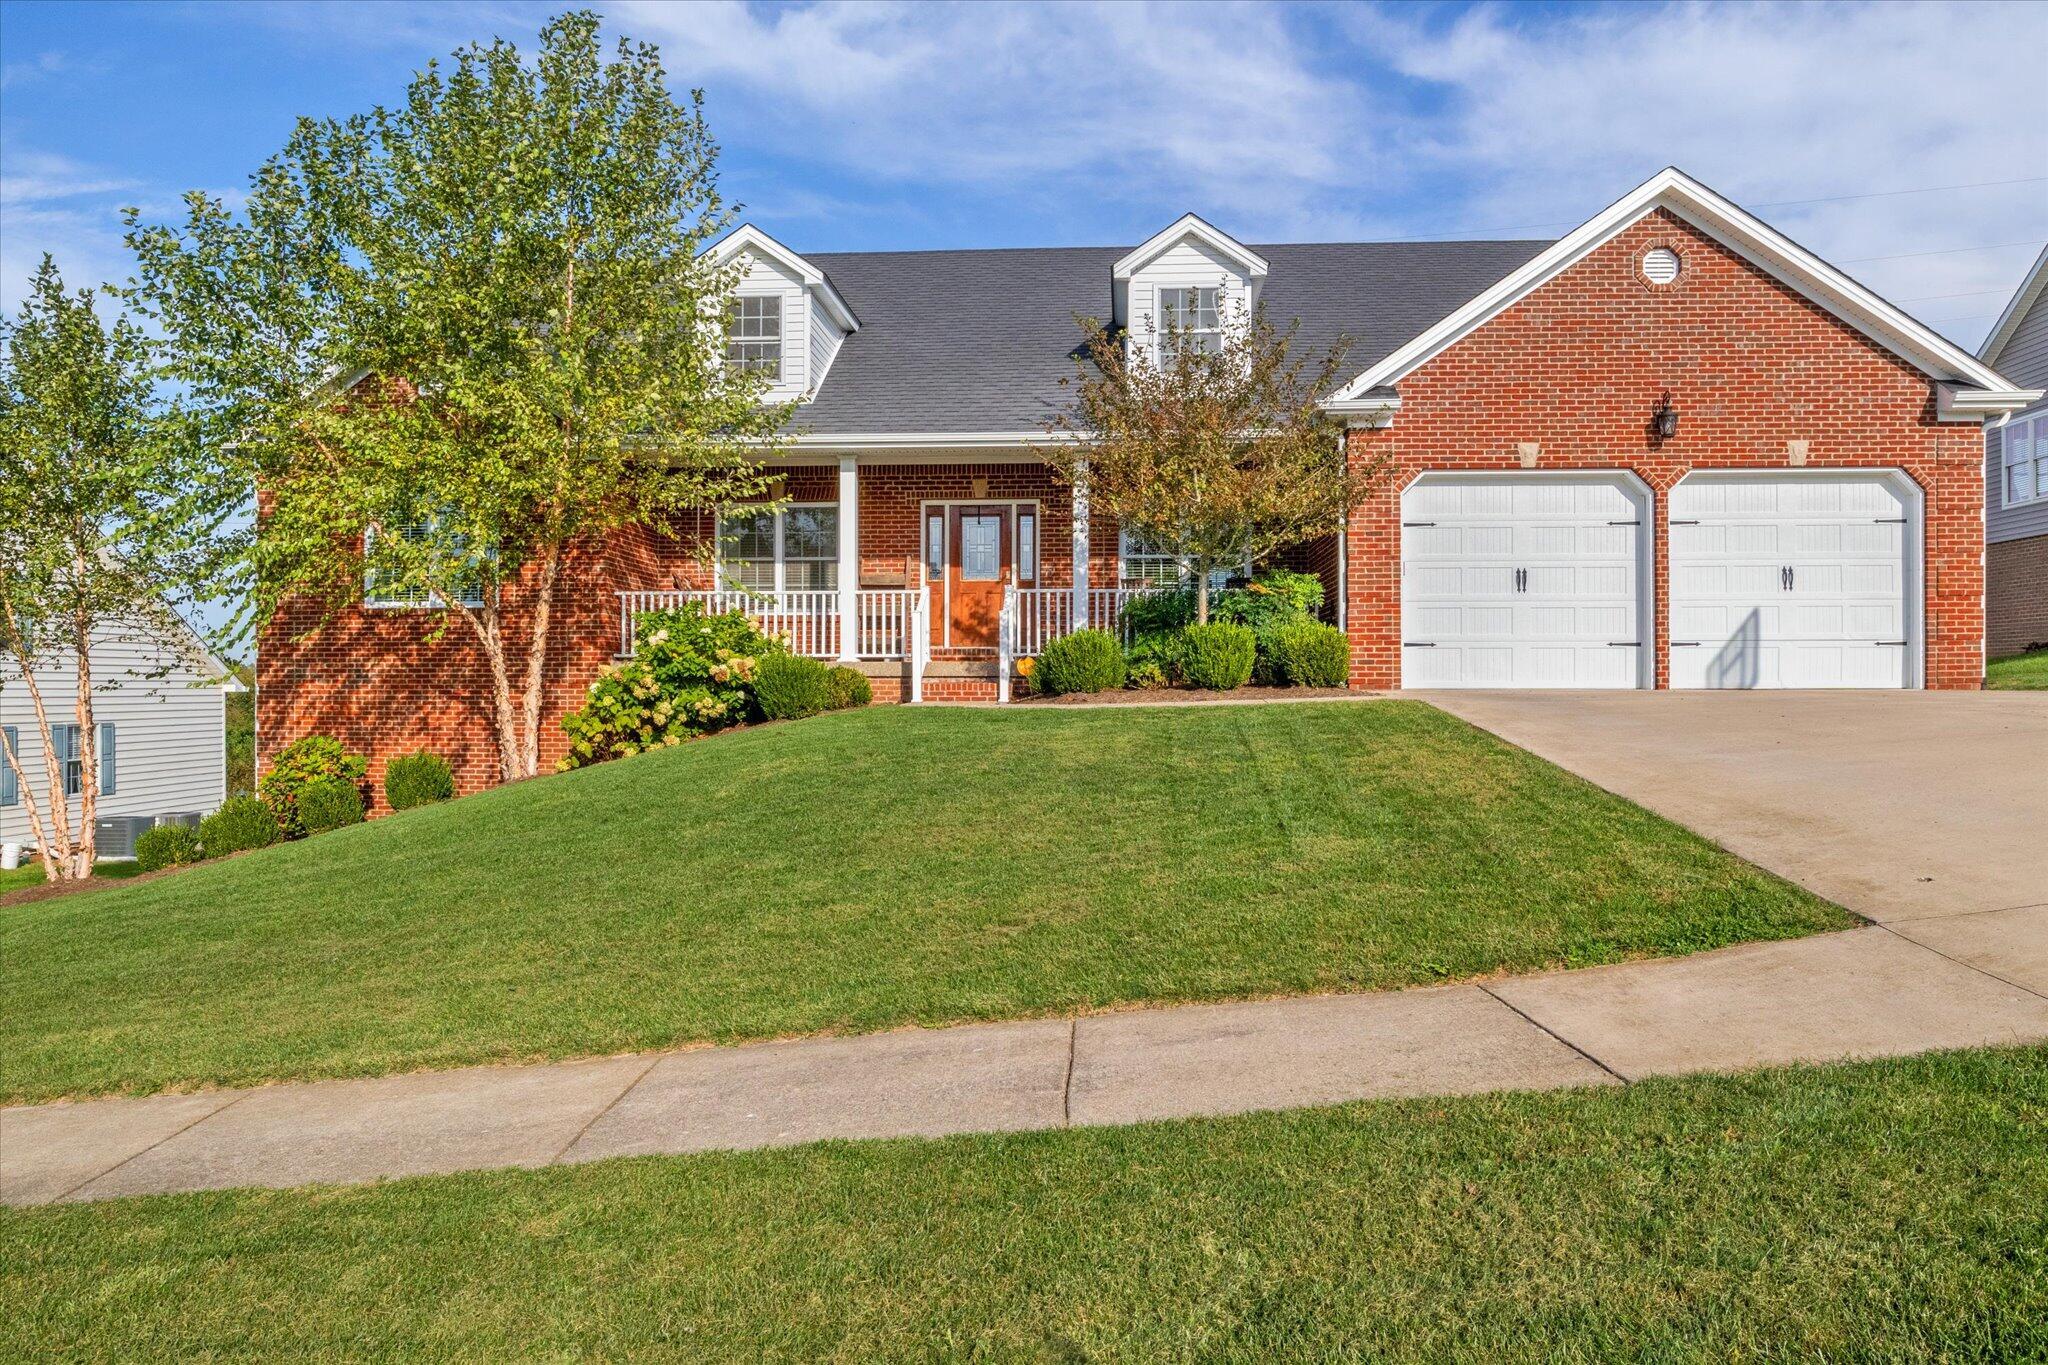 164 Ridge View Road, Danville, Kentucky 40422, 4 Bedrooms Bedrooms, ,3 BathroomsBathrooms,Residential,For Sale,Ridge View,20122962